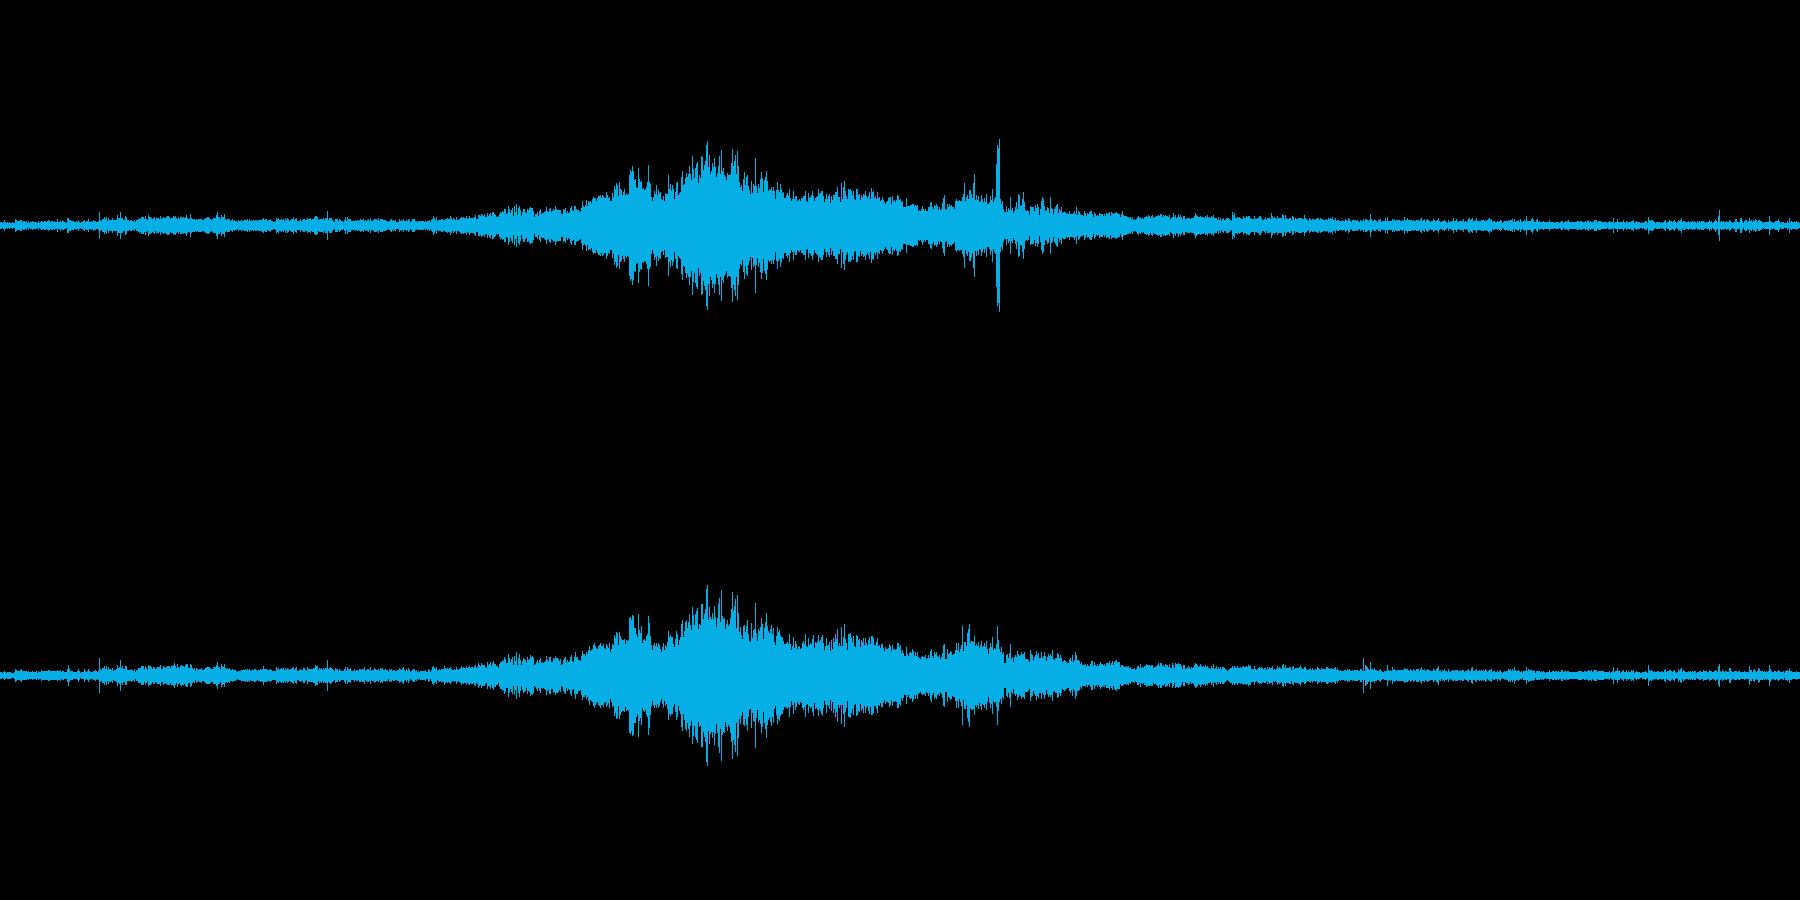 ぱらぱら・ケロケロ・ぶおーんの再生済みの波形